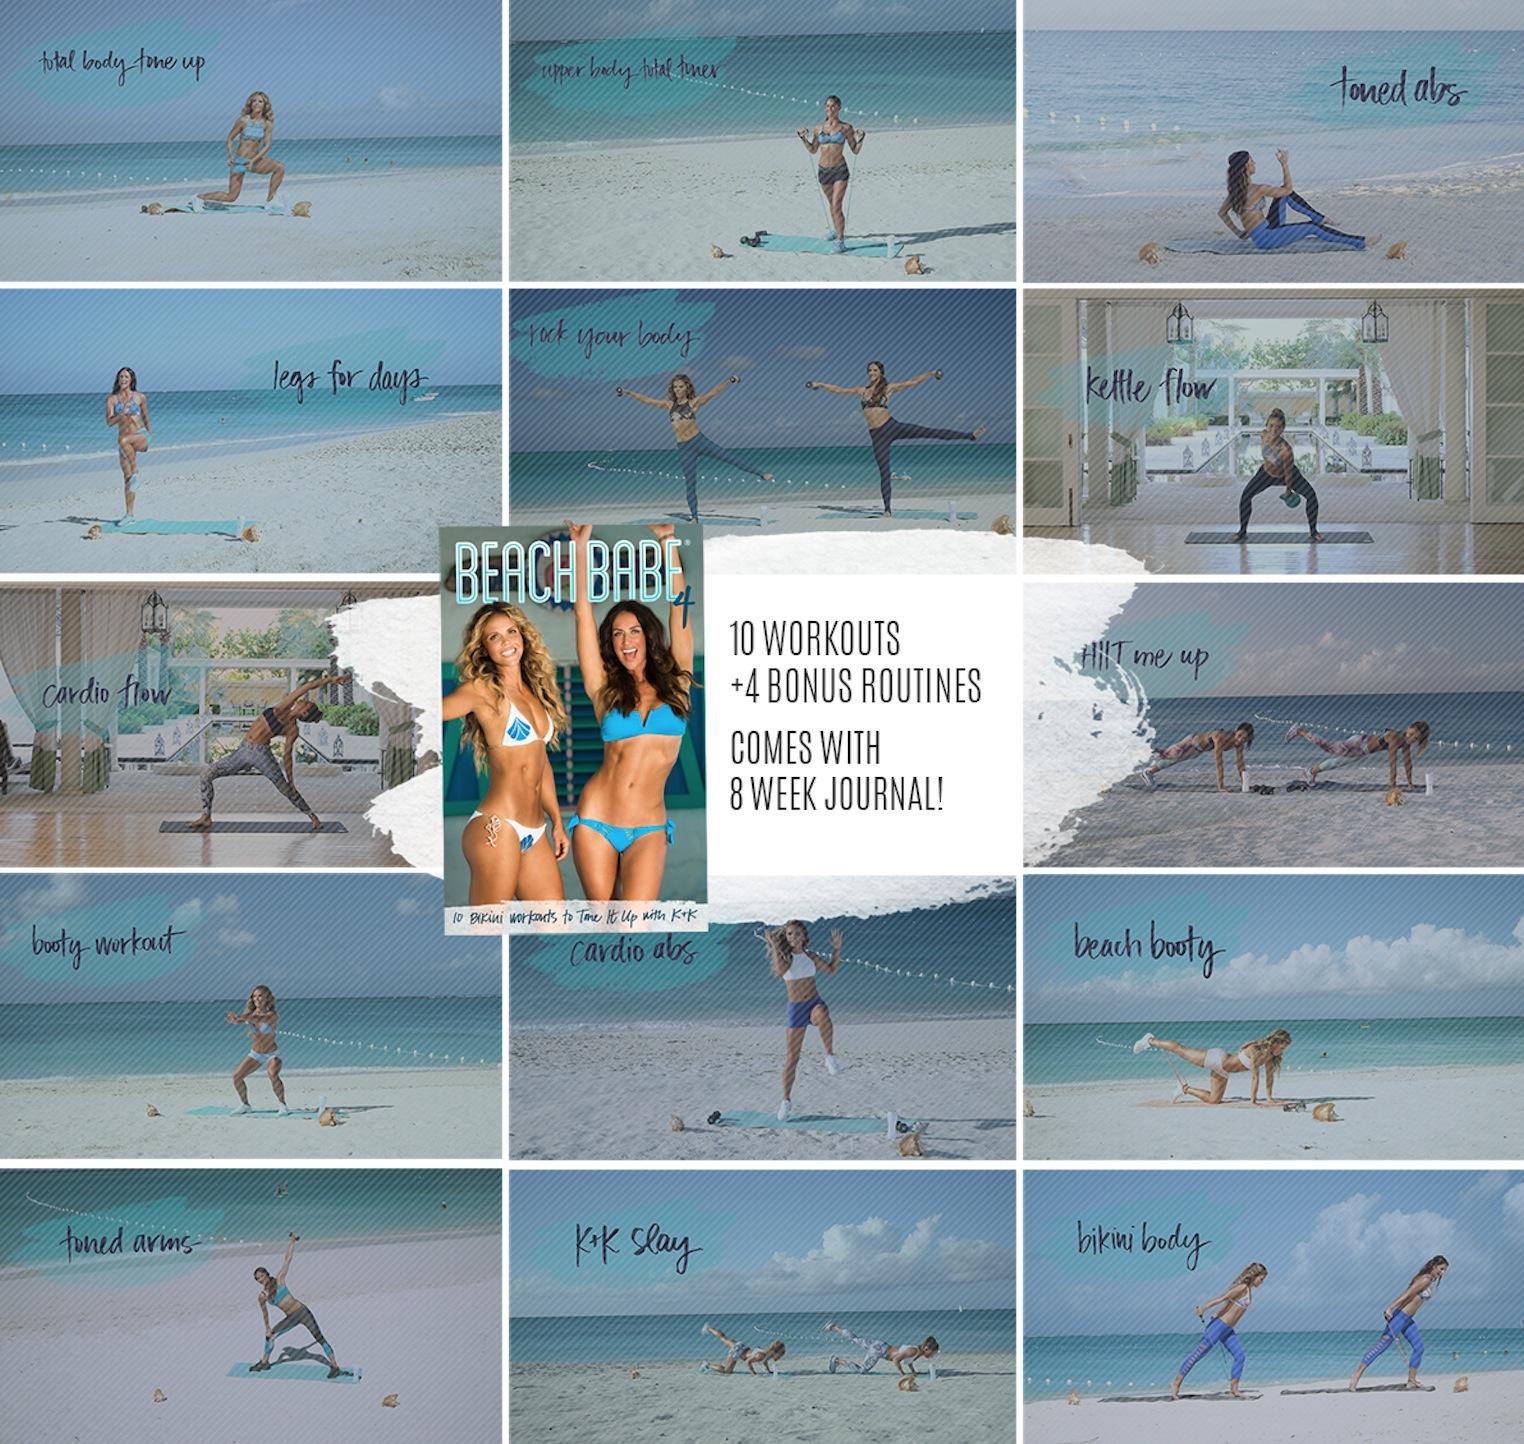 bb4-beach-babe-4